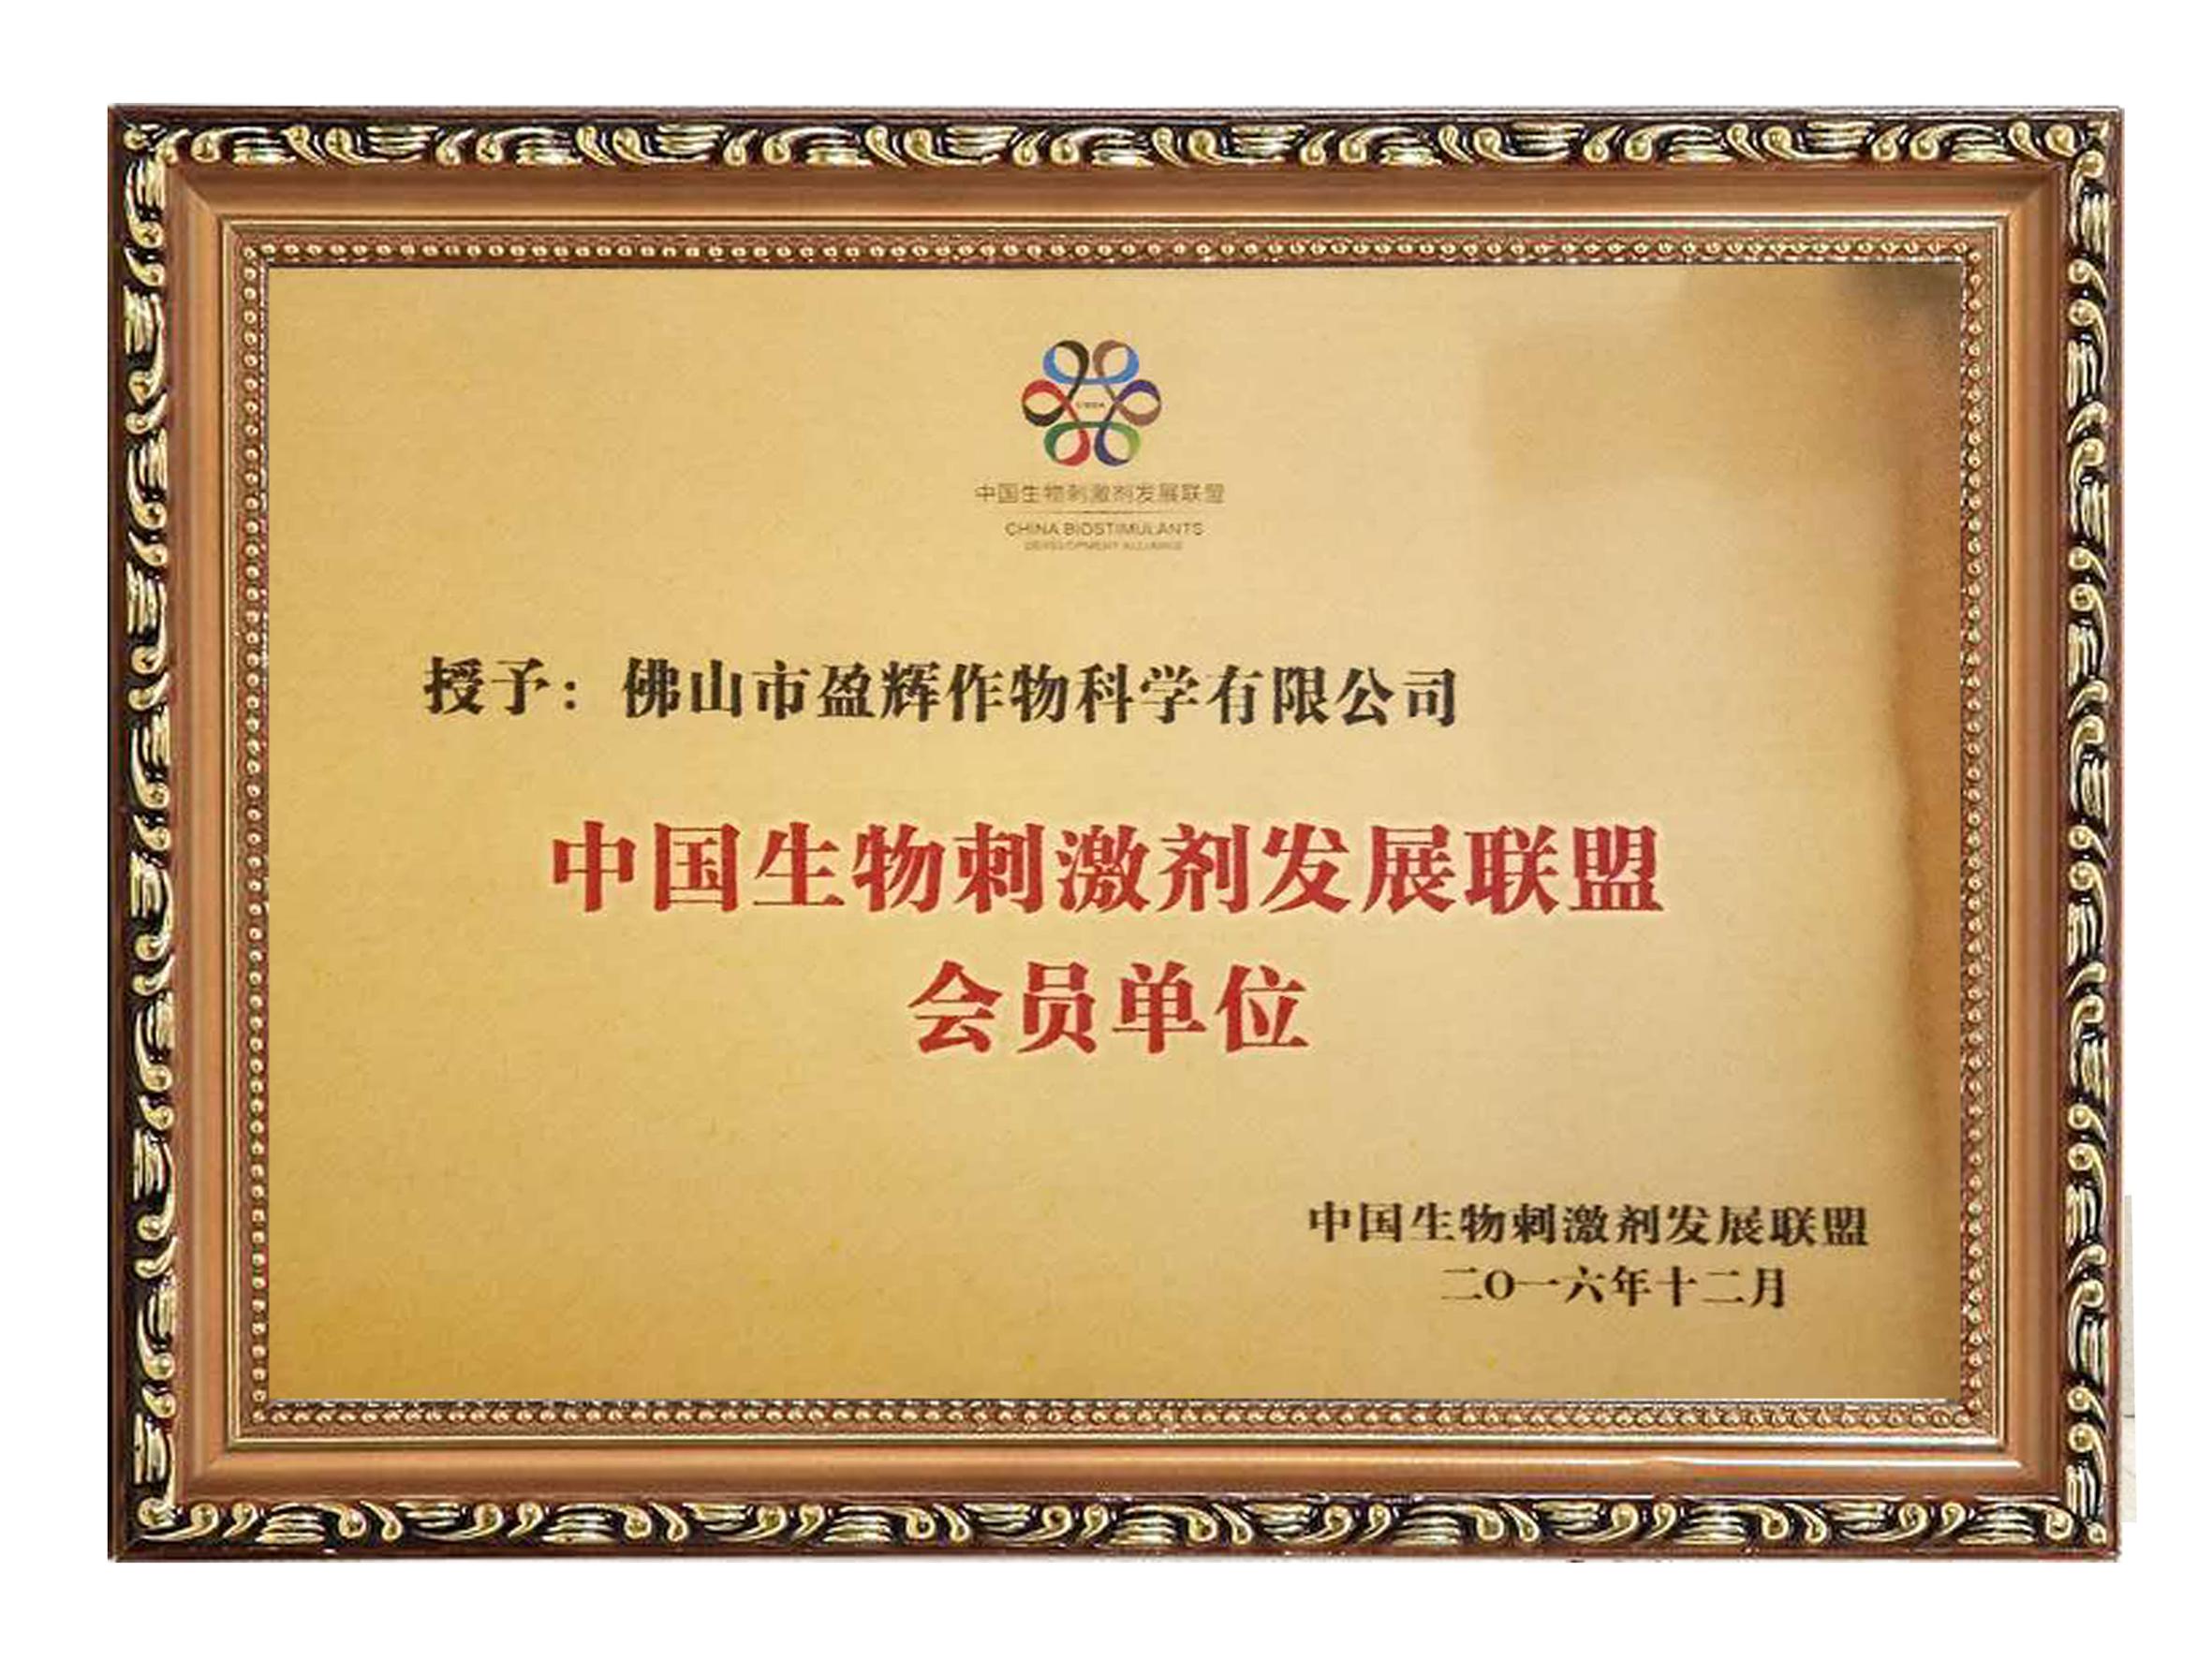 中国生物刺激剂发展联盟